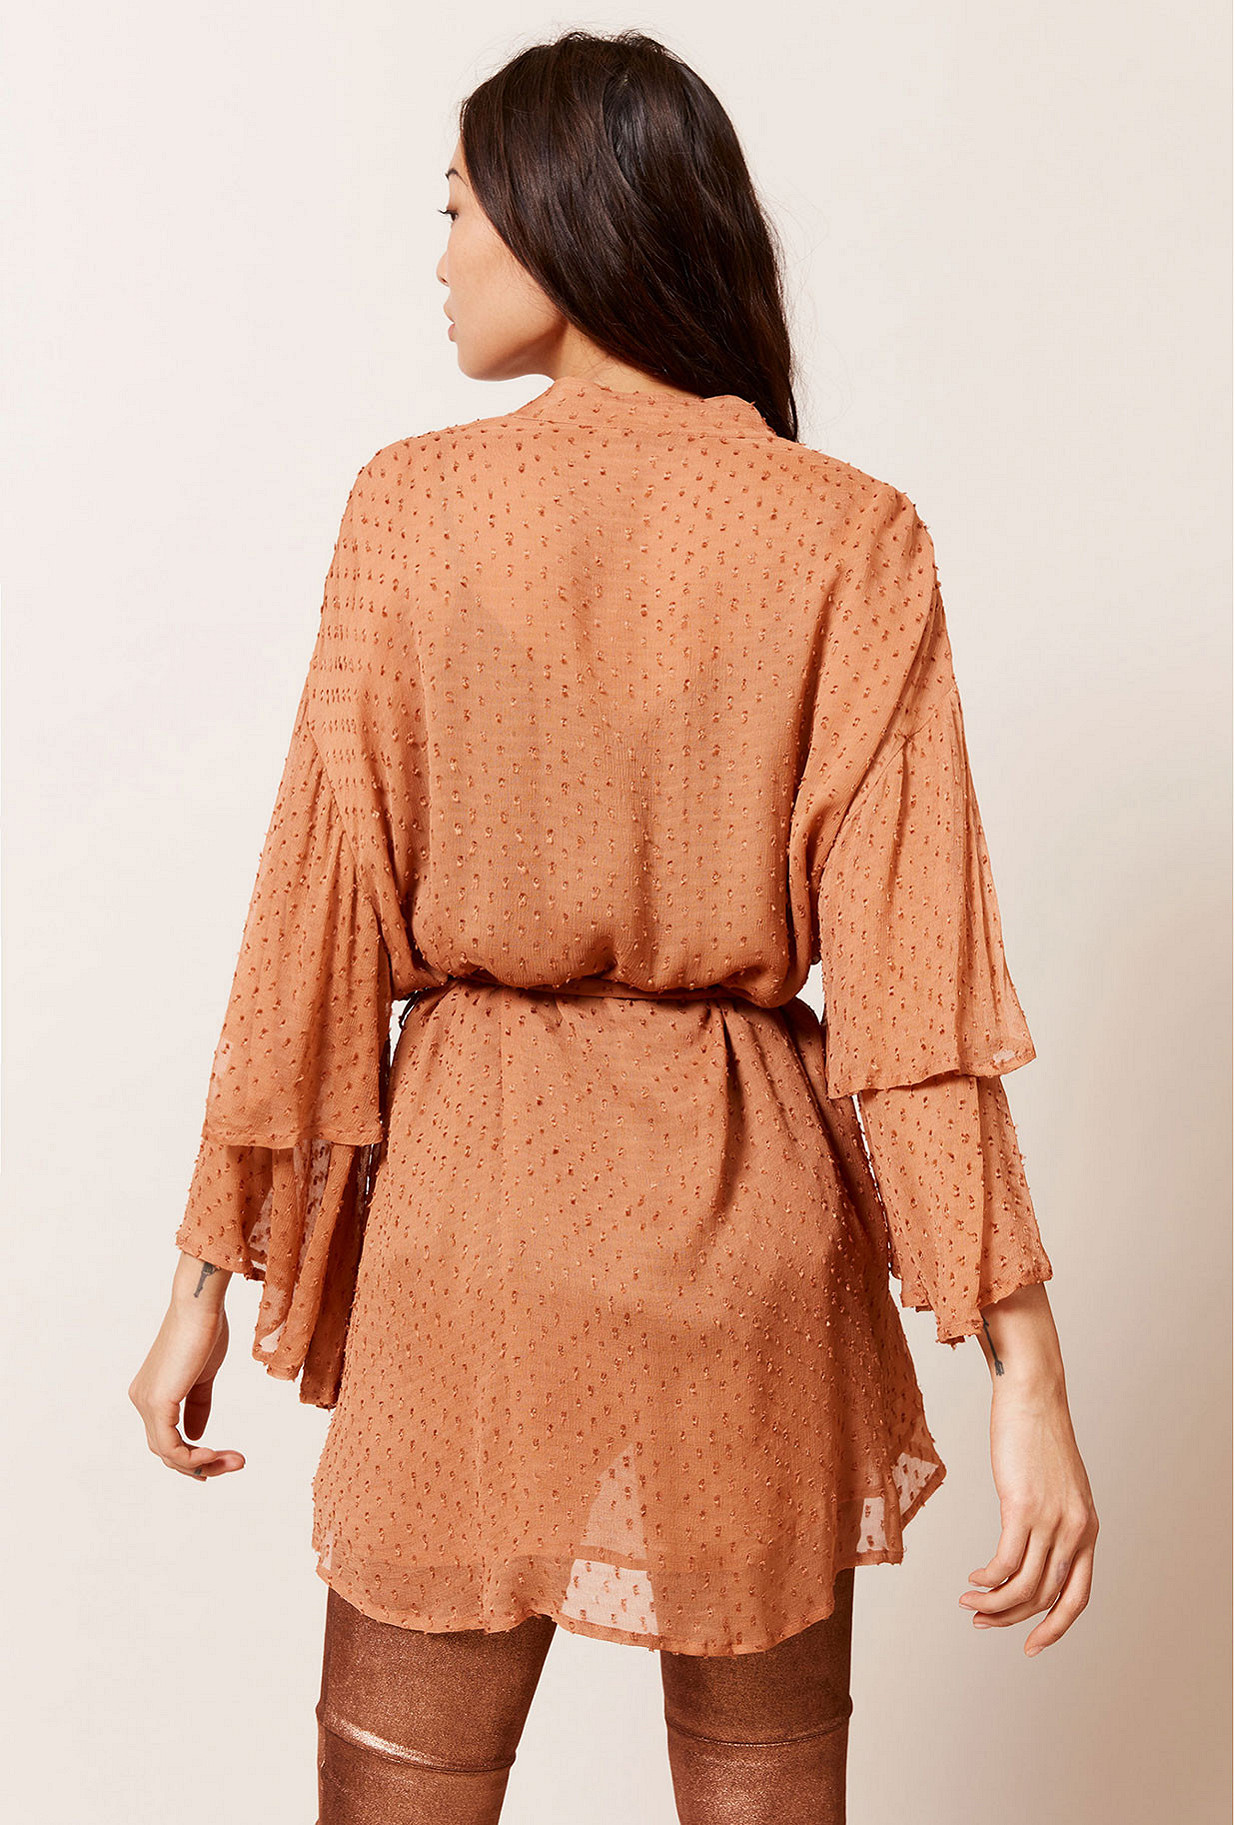 Kimono Terracotta Douchka